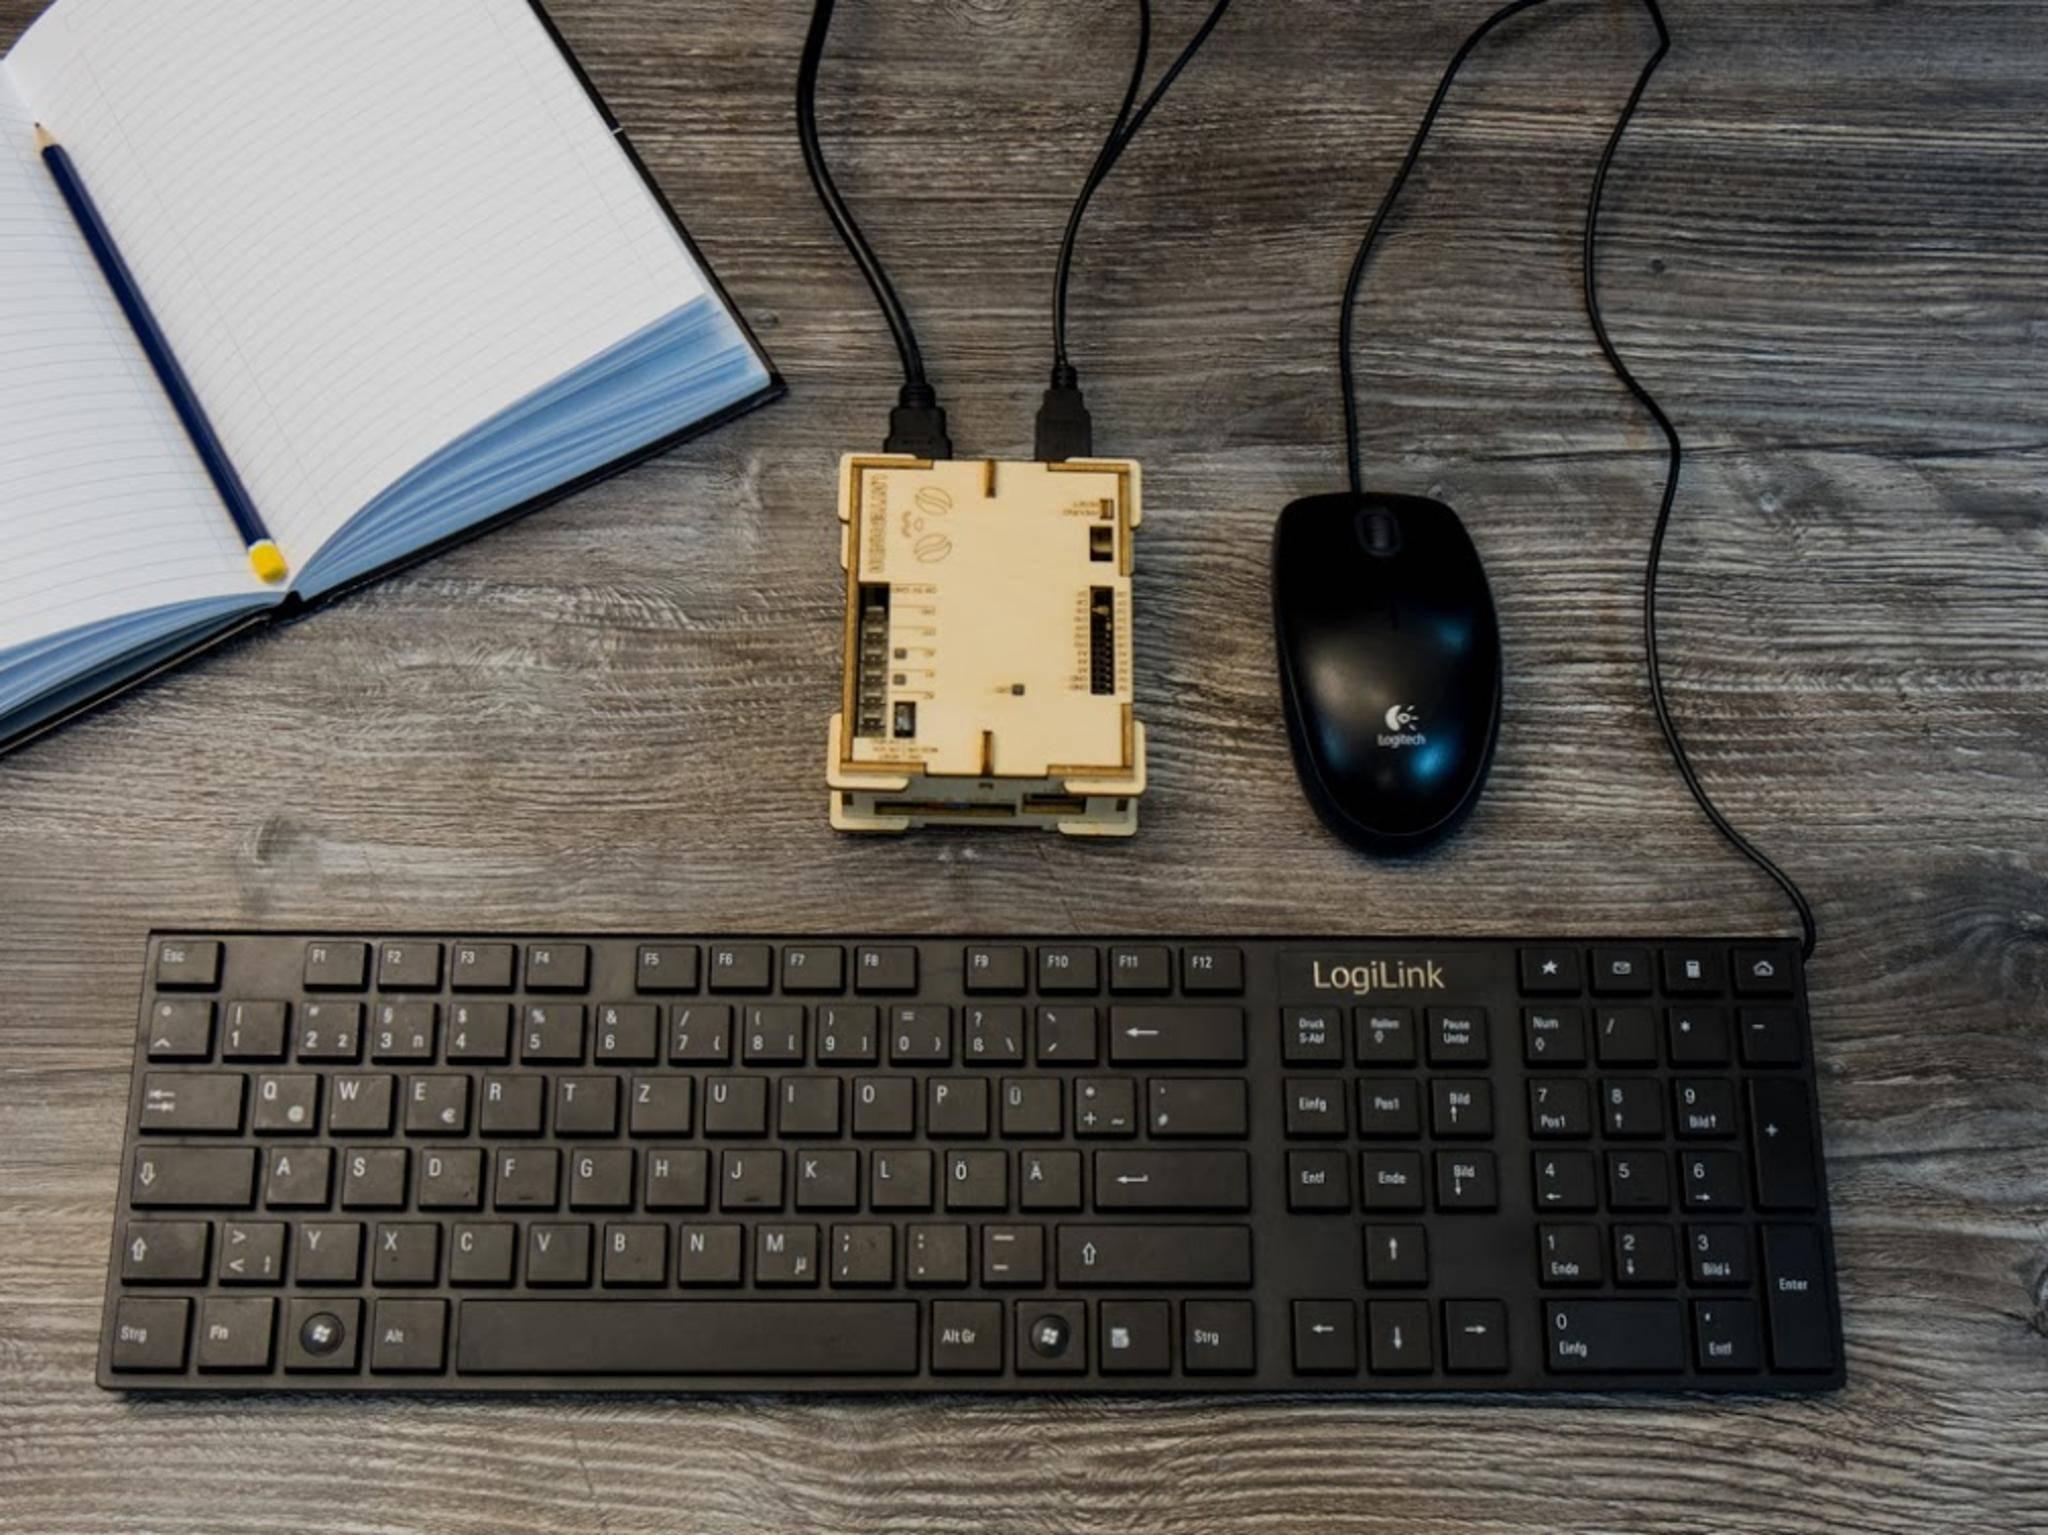 Man braucht neben Netzteil auch Maus und Tastatur, ...